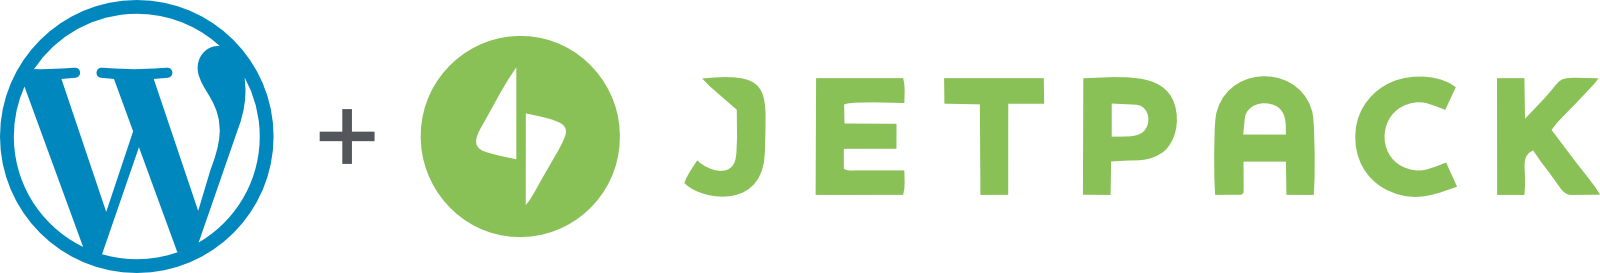 WordPress.com plus Jetpack logos